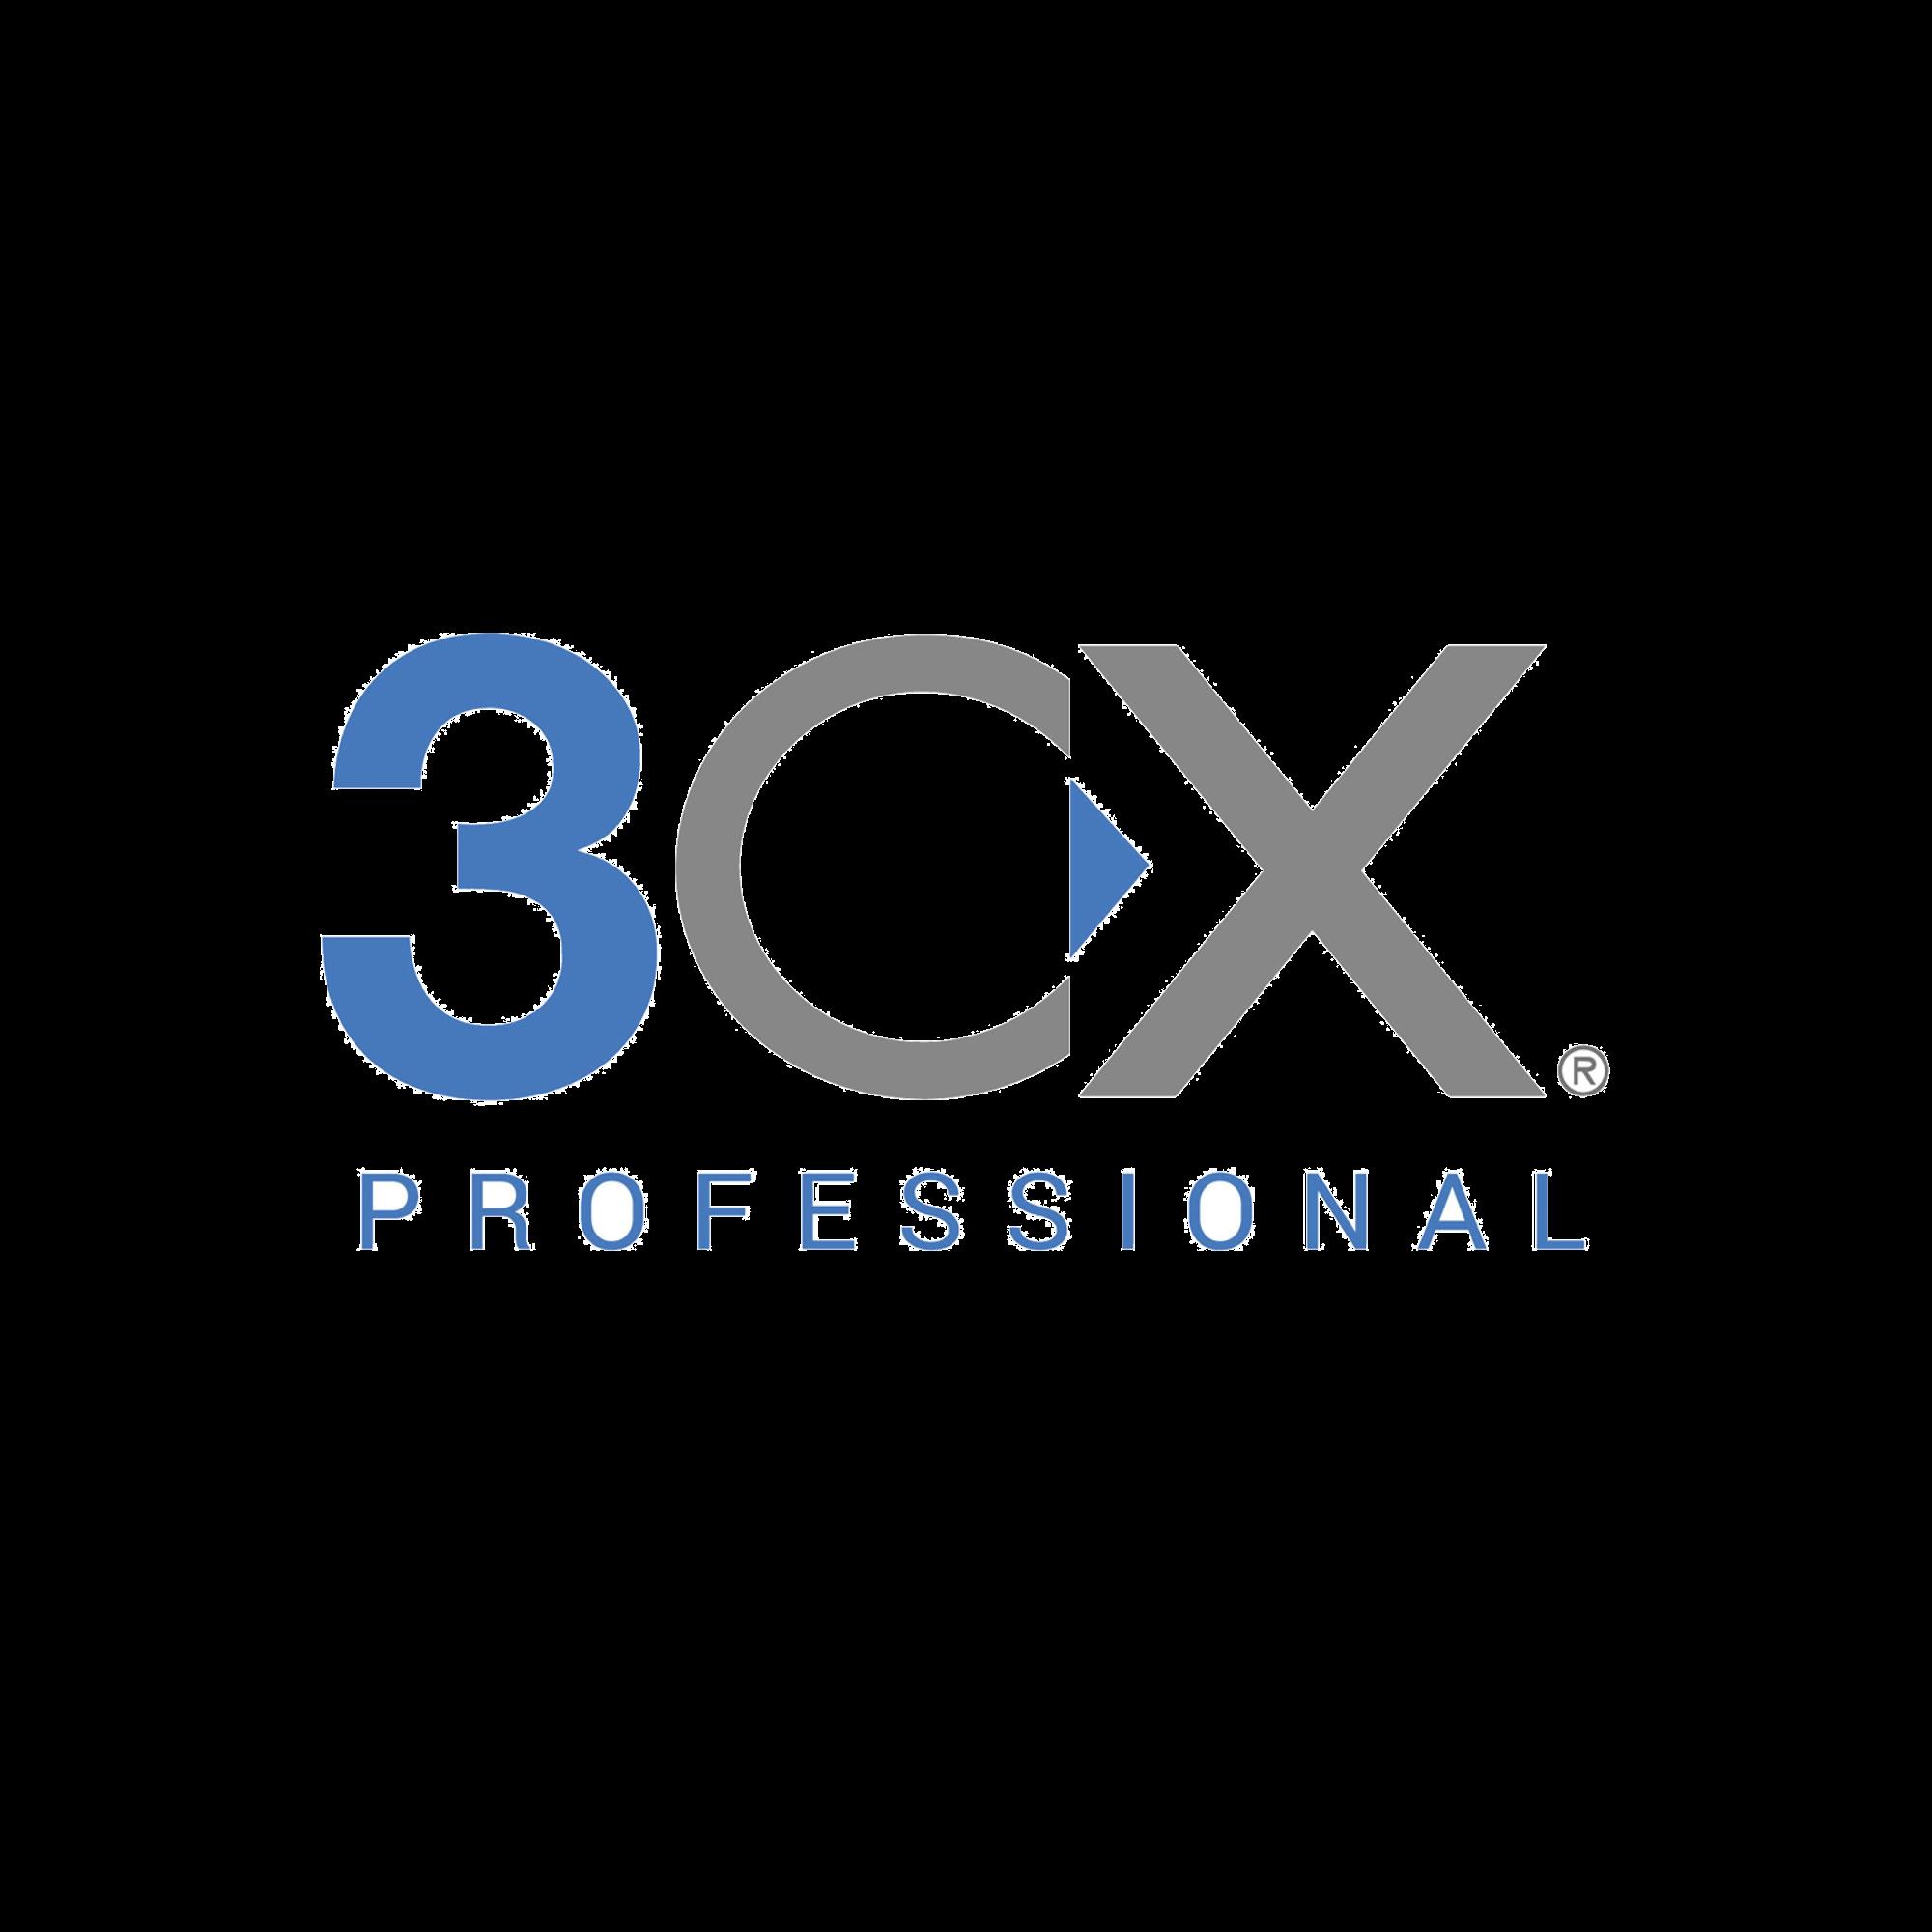 Licencia anual de 3CX Professional para 192 llamadas simultáneas y extensiones ilimitadas